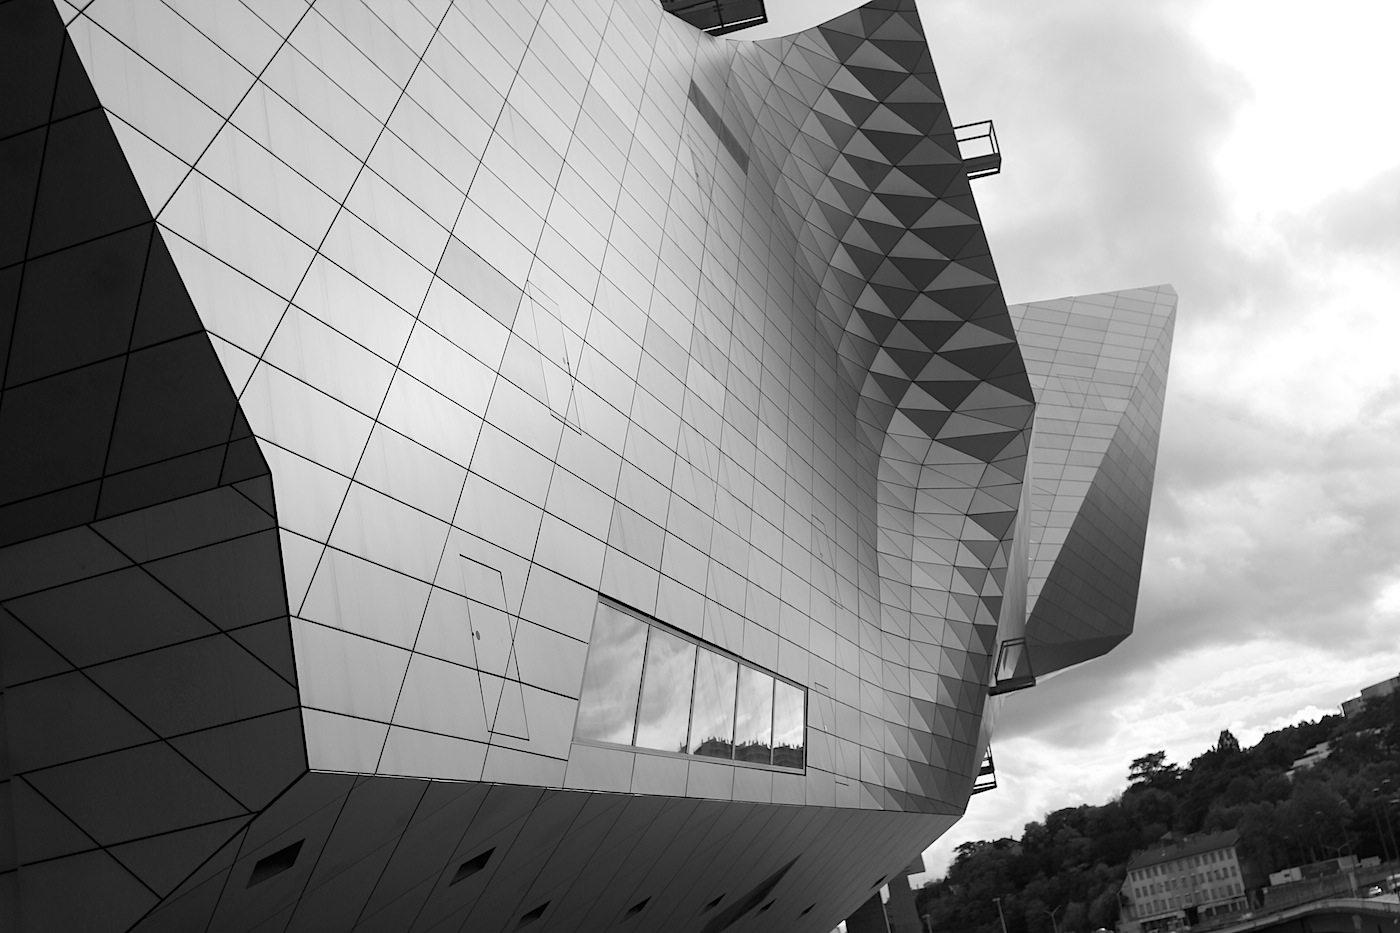 Haut. Die Fassaden des Ausstellungsbereiches (Wolke) zeichnen sich durch eine leistungsfähige Gebäudehülle aus, was die Wärmedämmeigenschaften anbelangt.